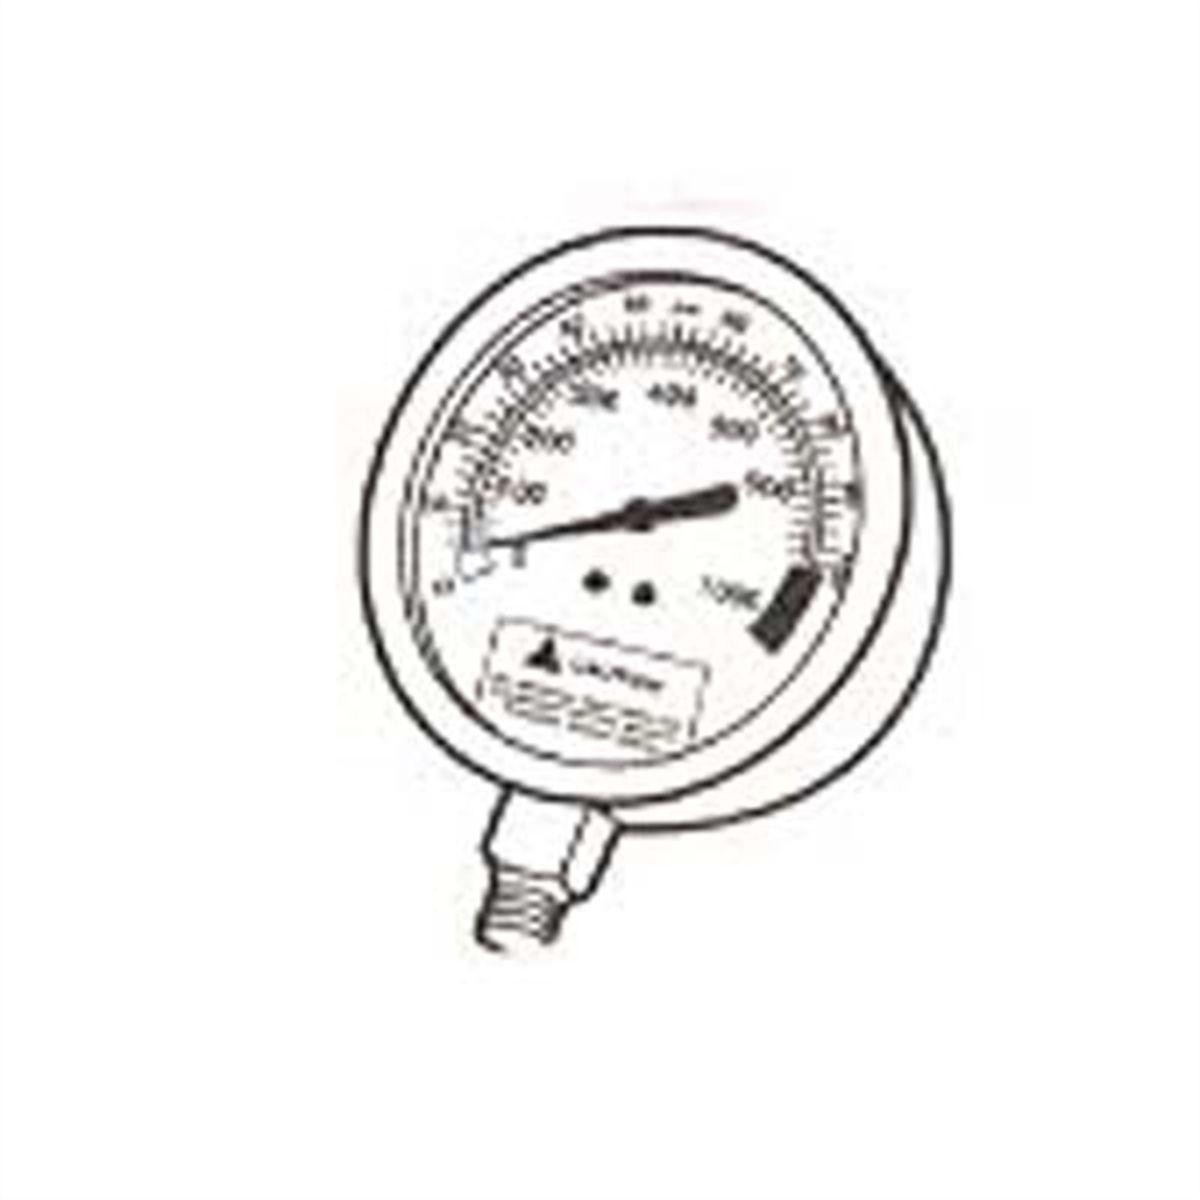 sel fuel pressure gauge